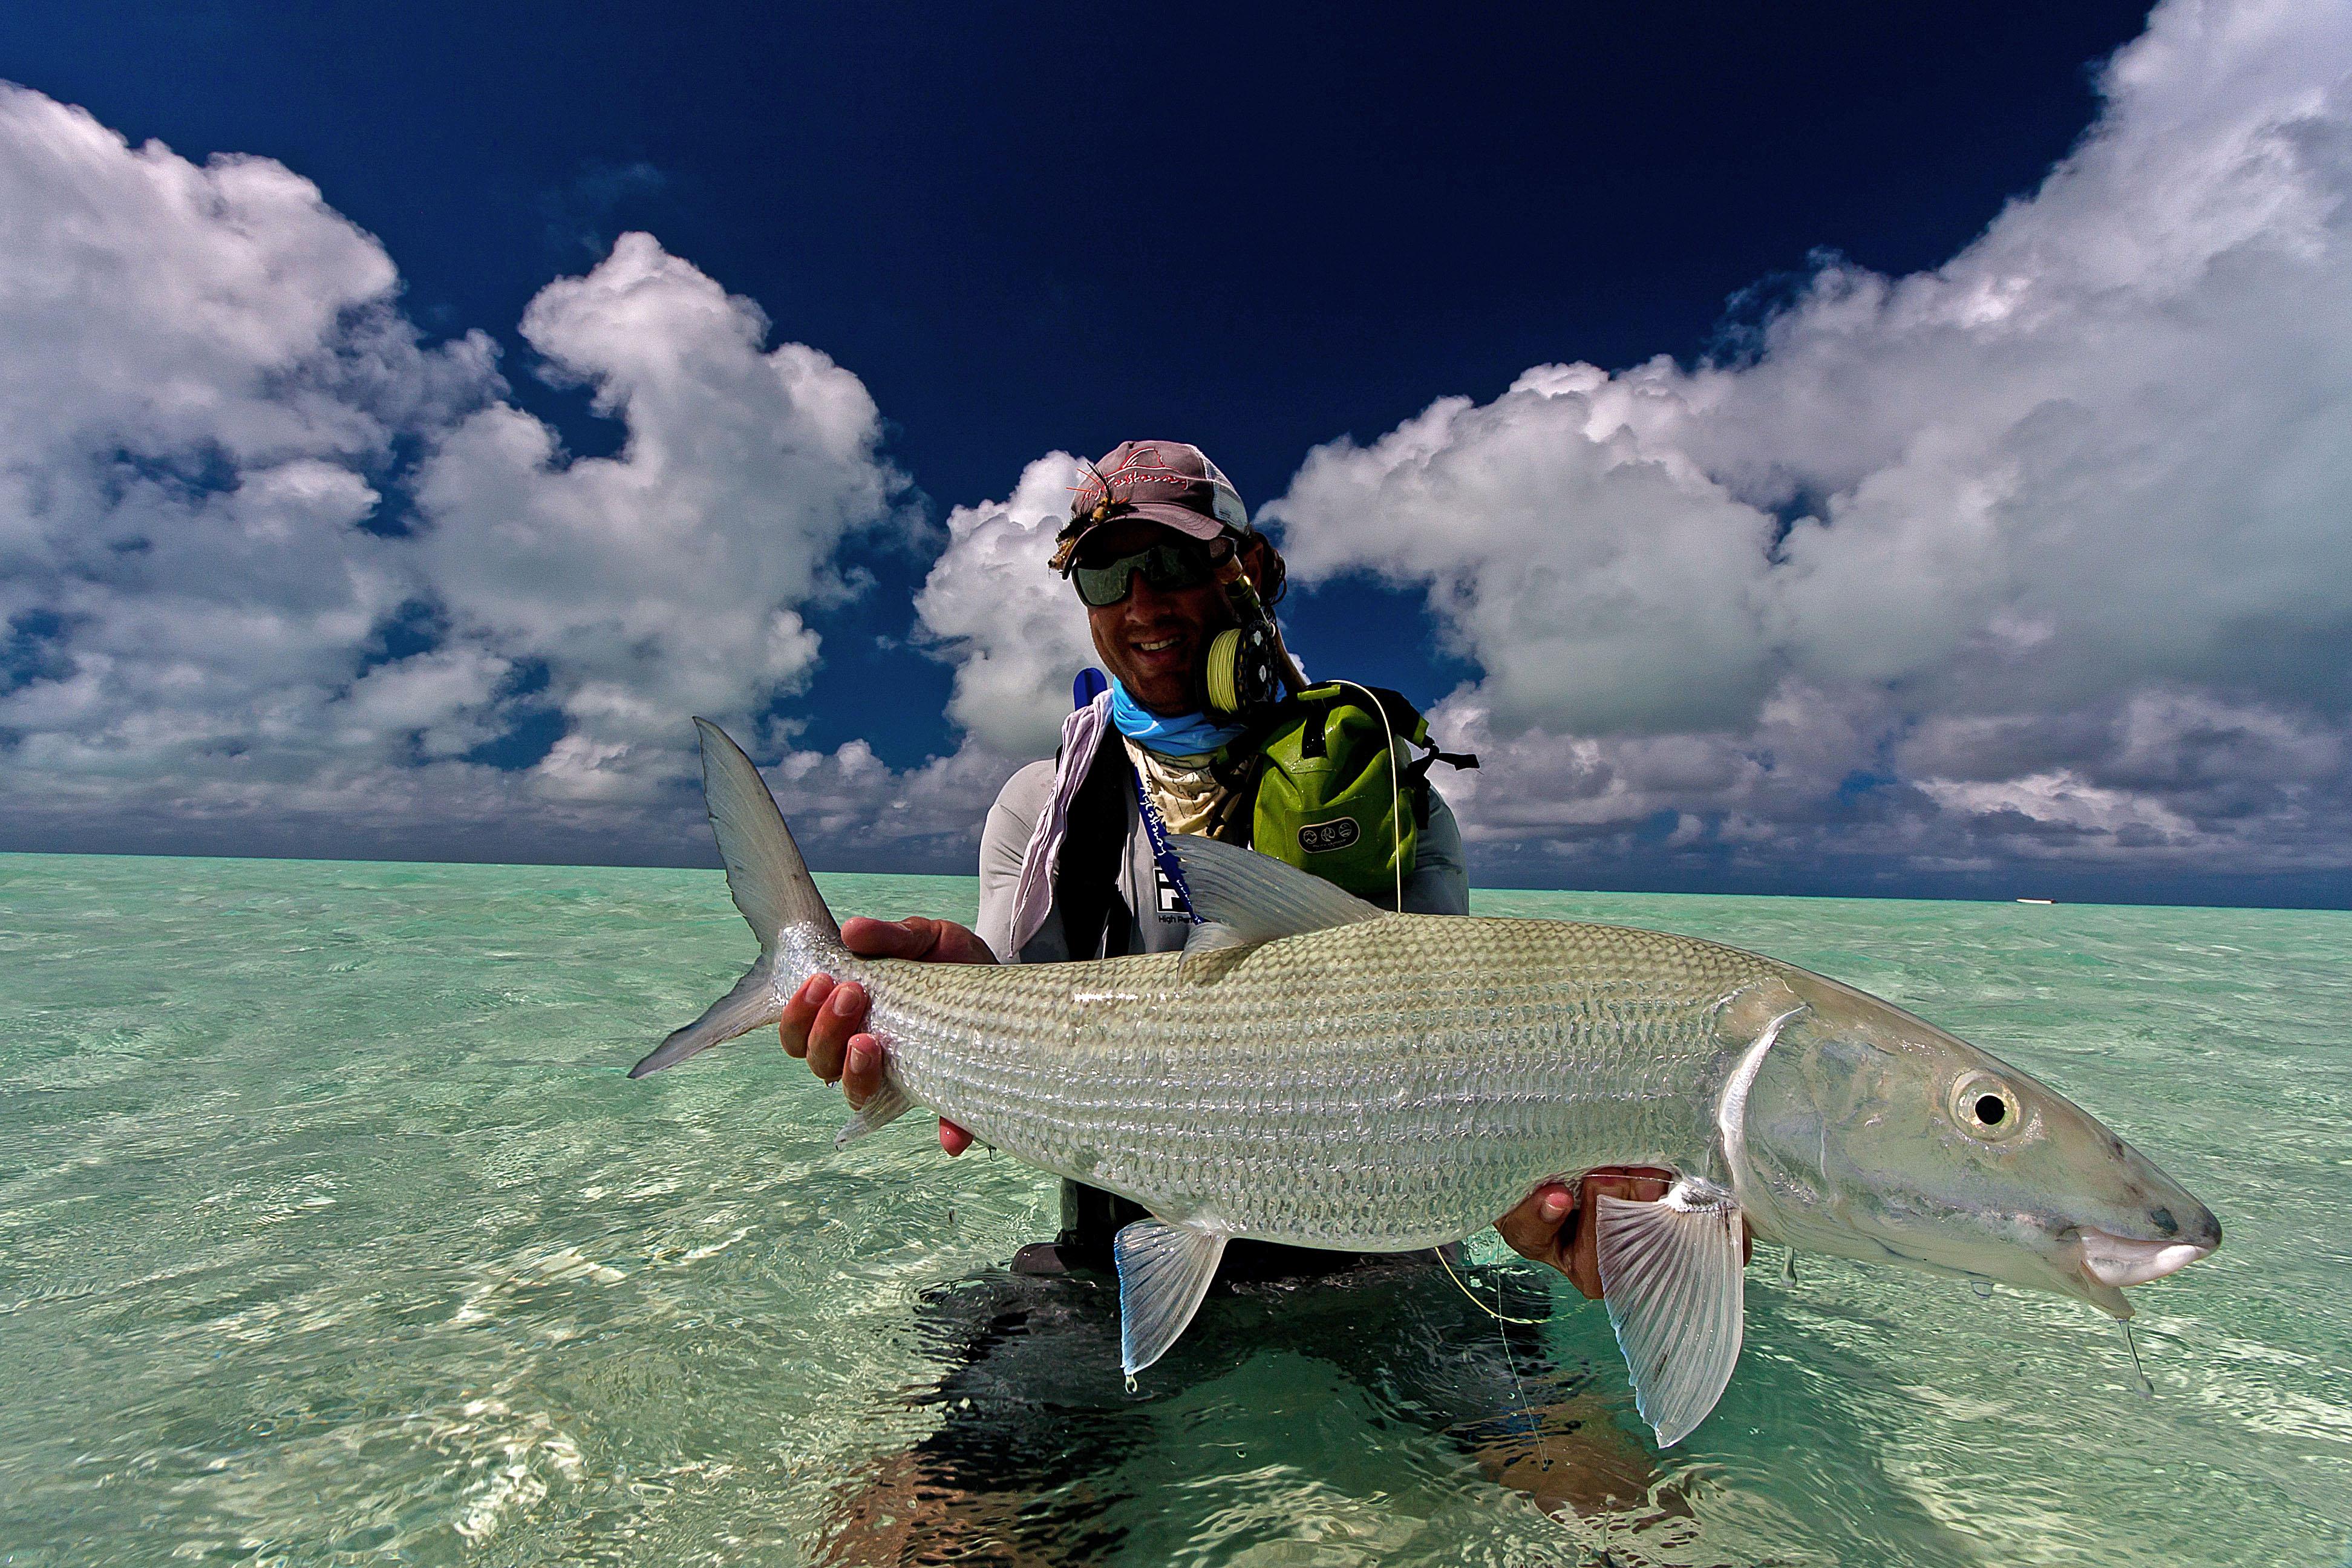 Nice Bonefish from St. Brandon's Atoll